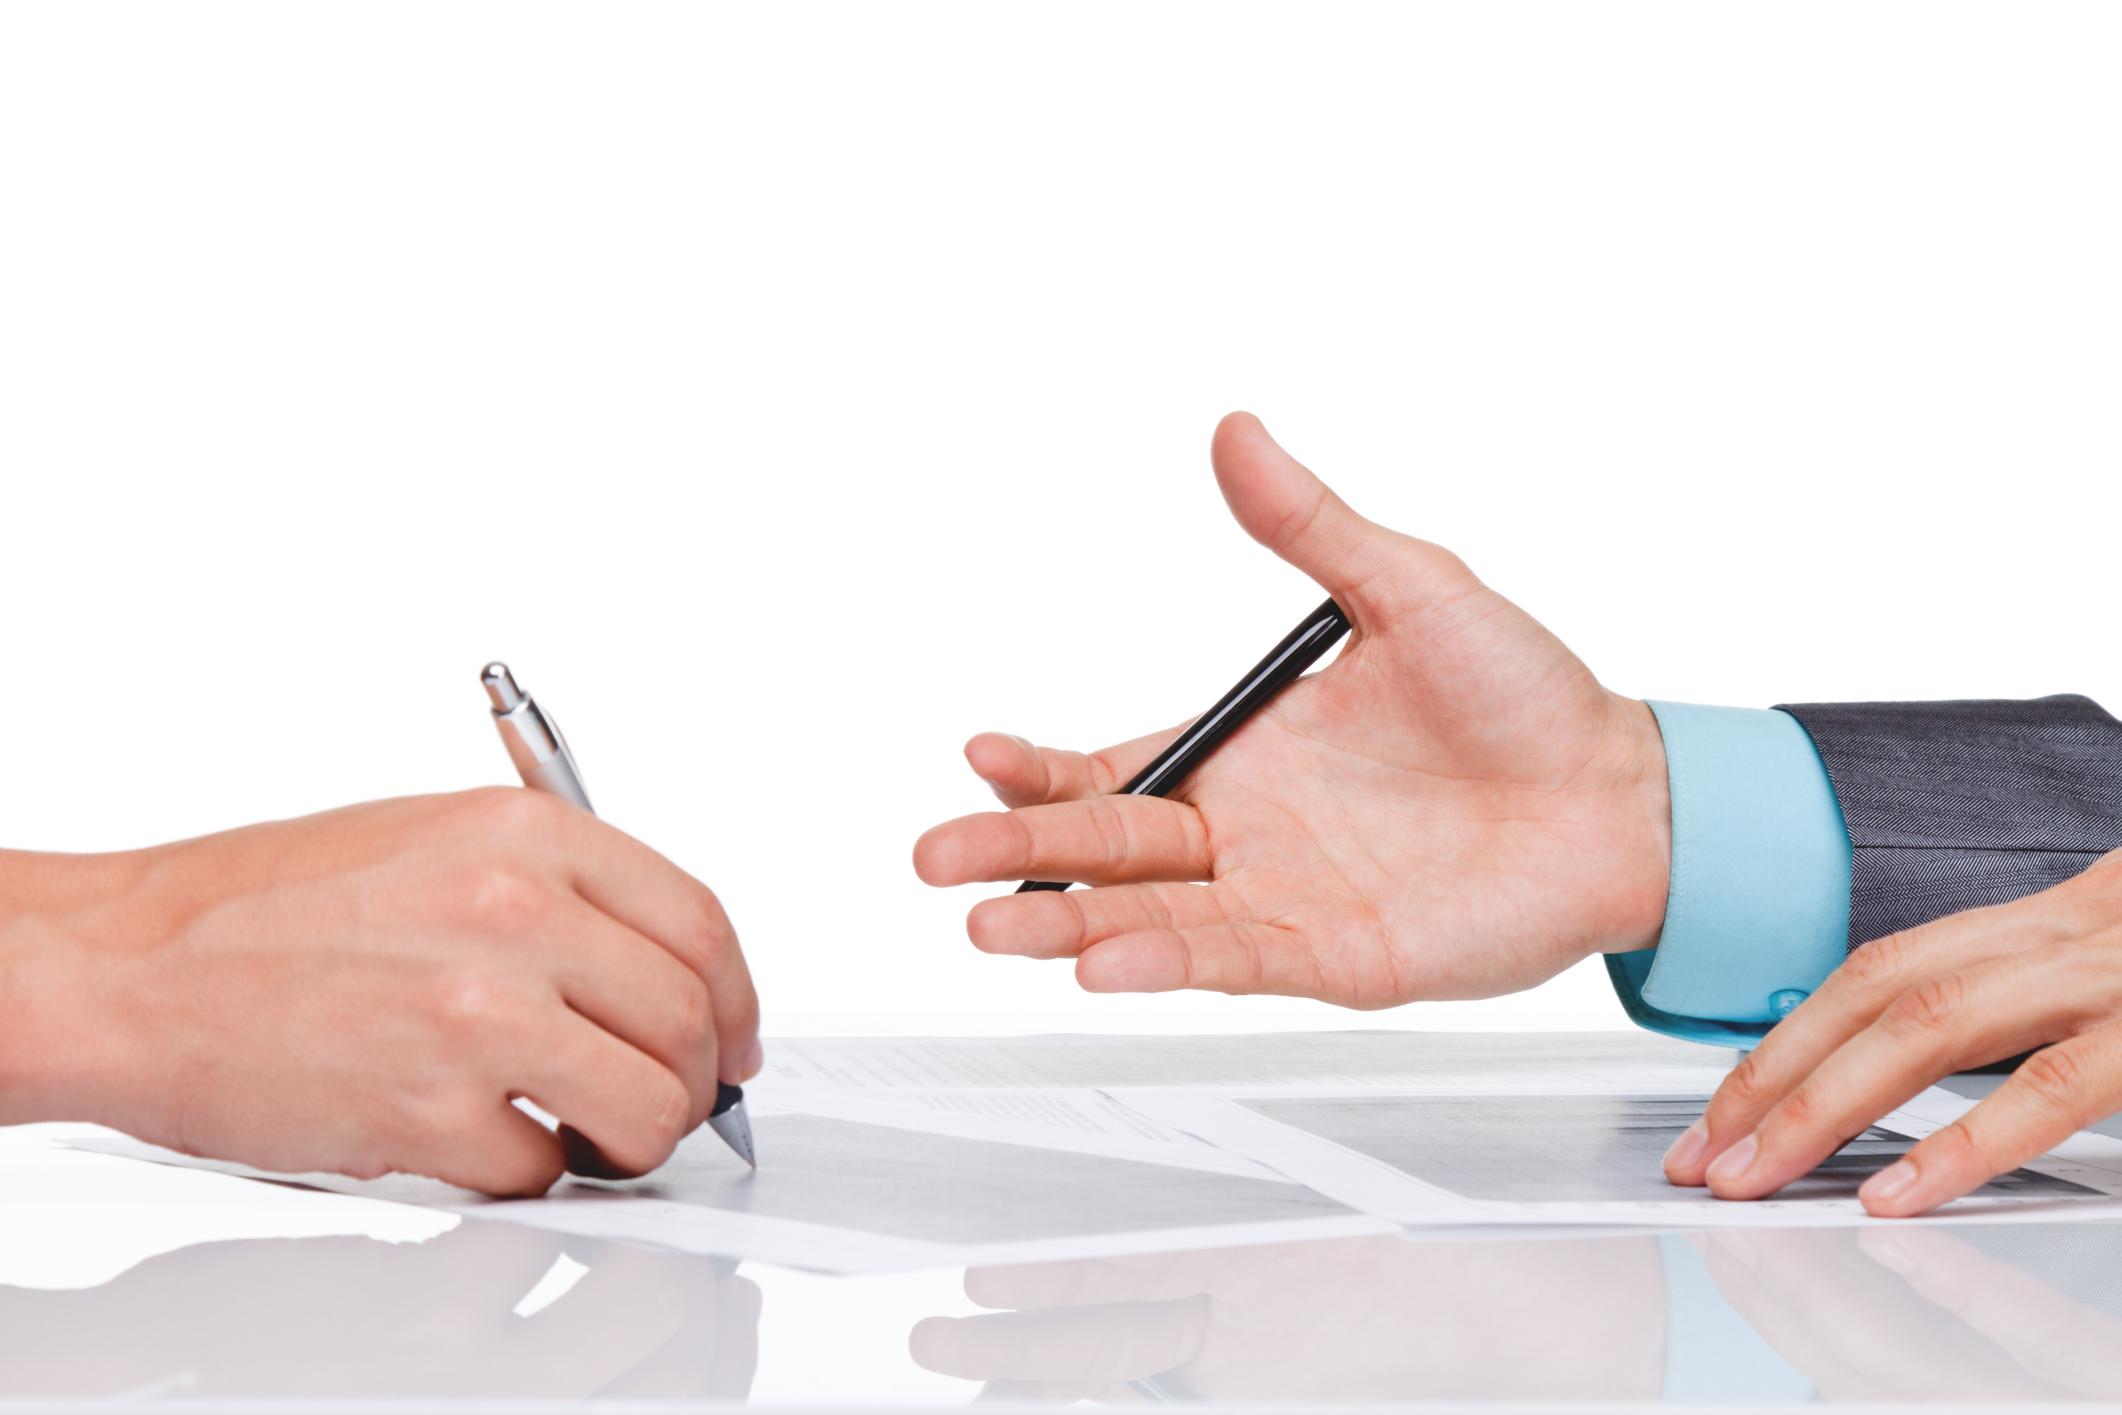 cessione del quinto normativa in caso di licenziamento